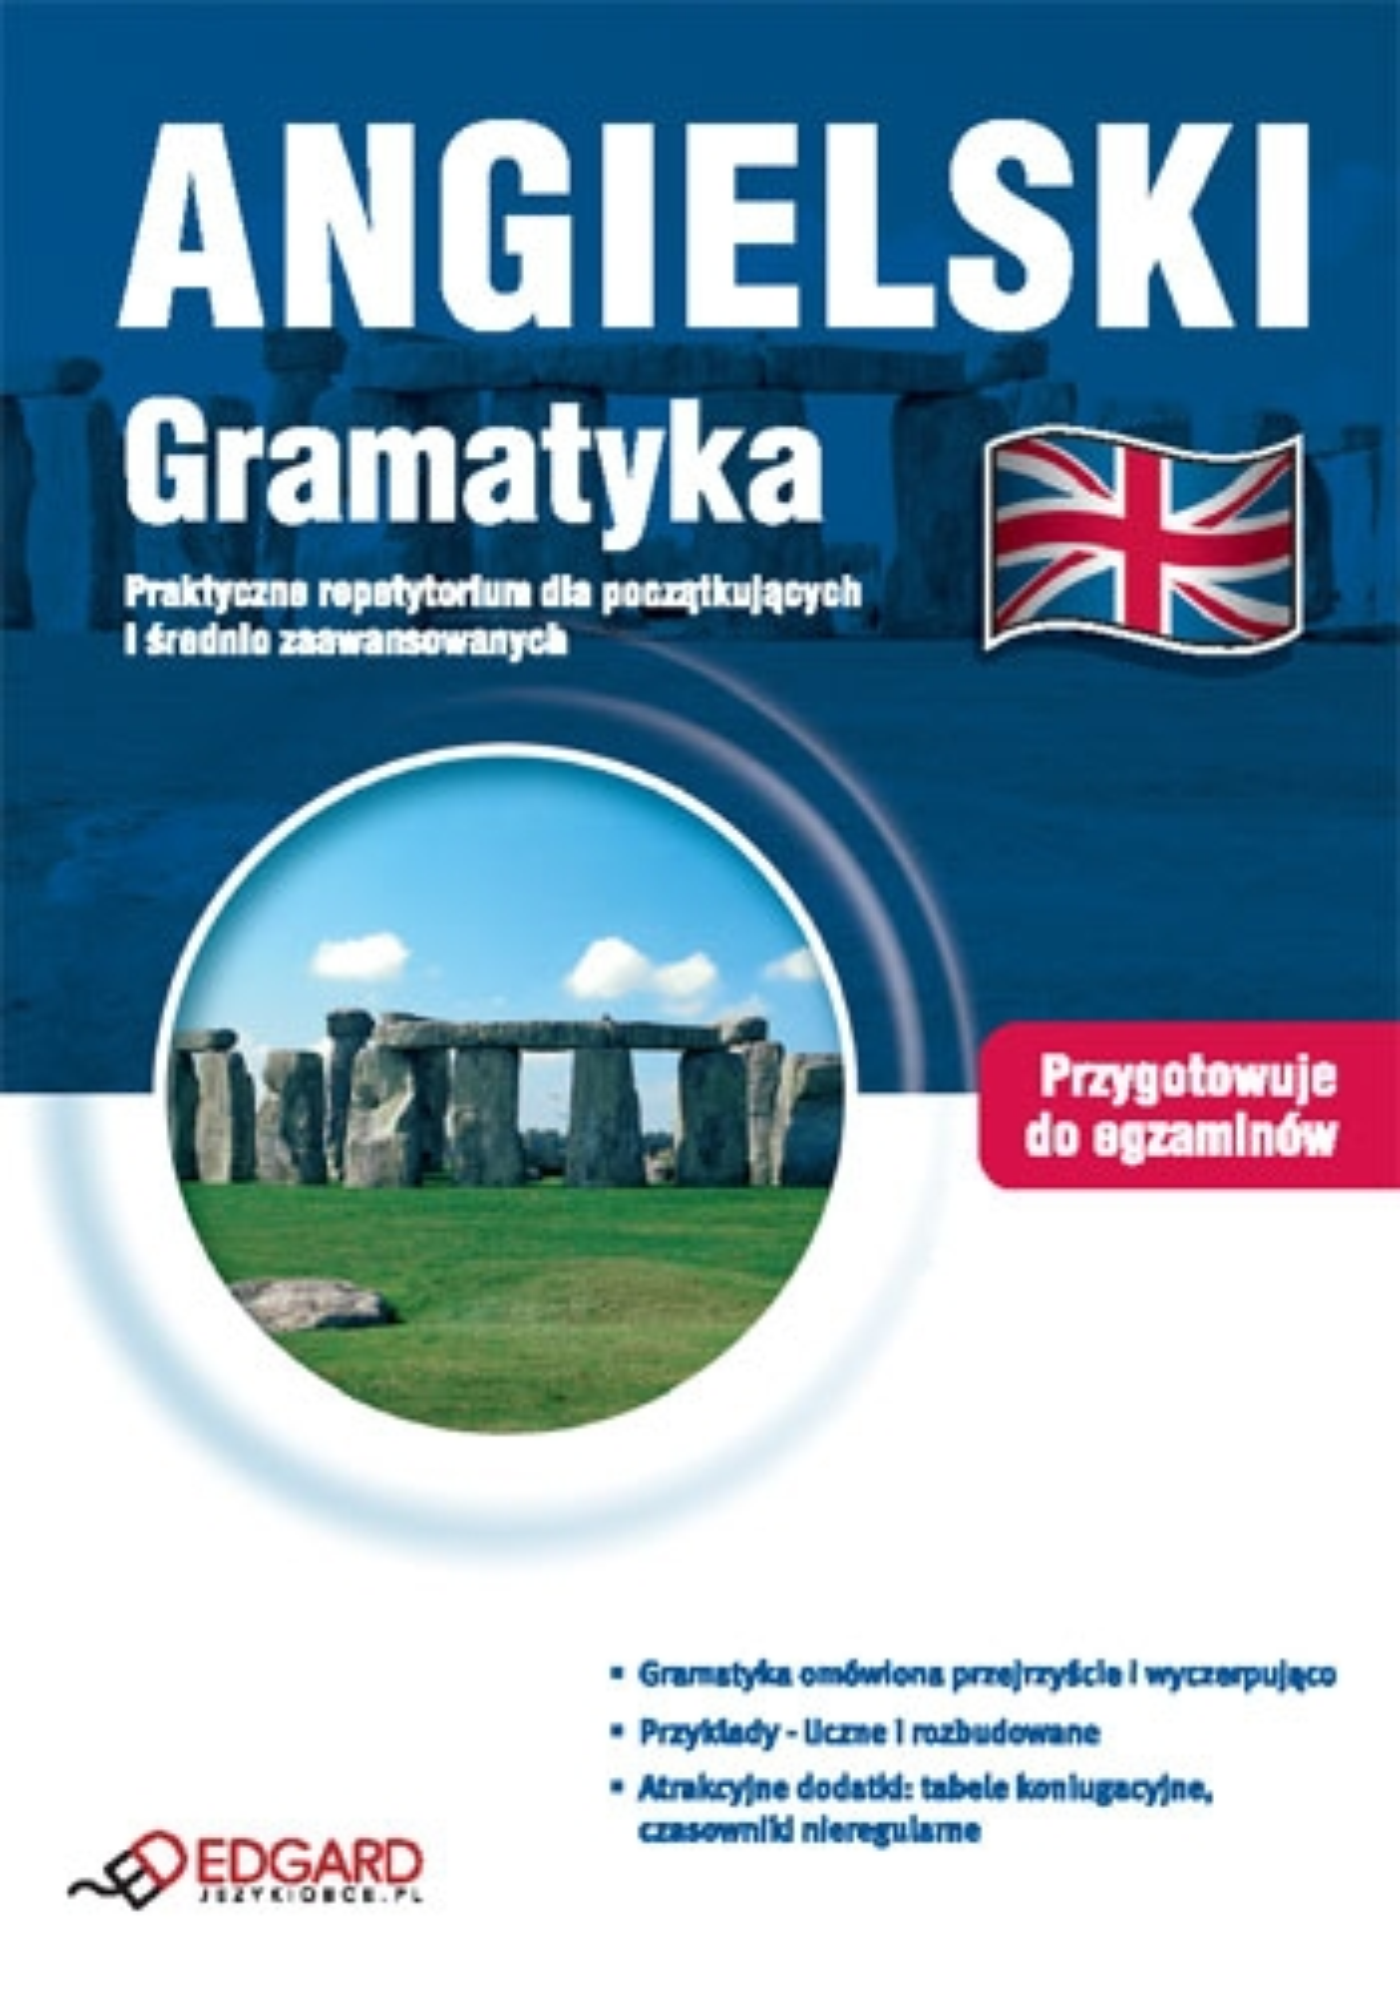 Angielski Gramatyka. Praktyczne repetytorium dla początkujących i średnio zaawansowanych - Ebook (Książka EPUB) do pobrania w formacie EPUB